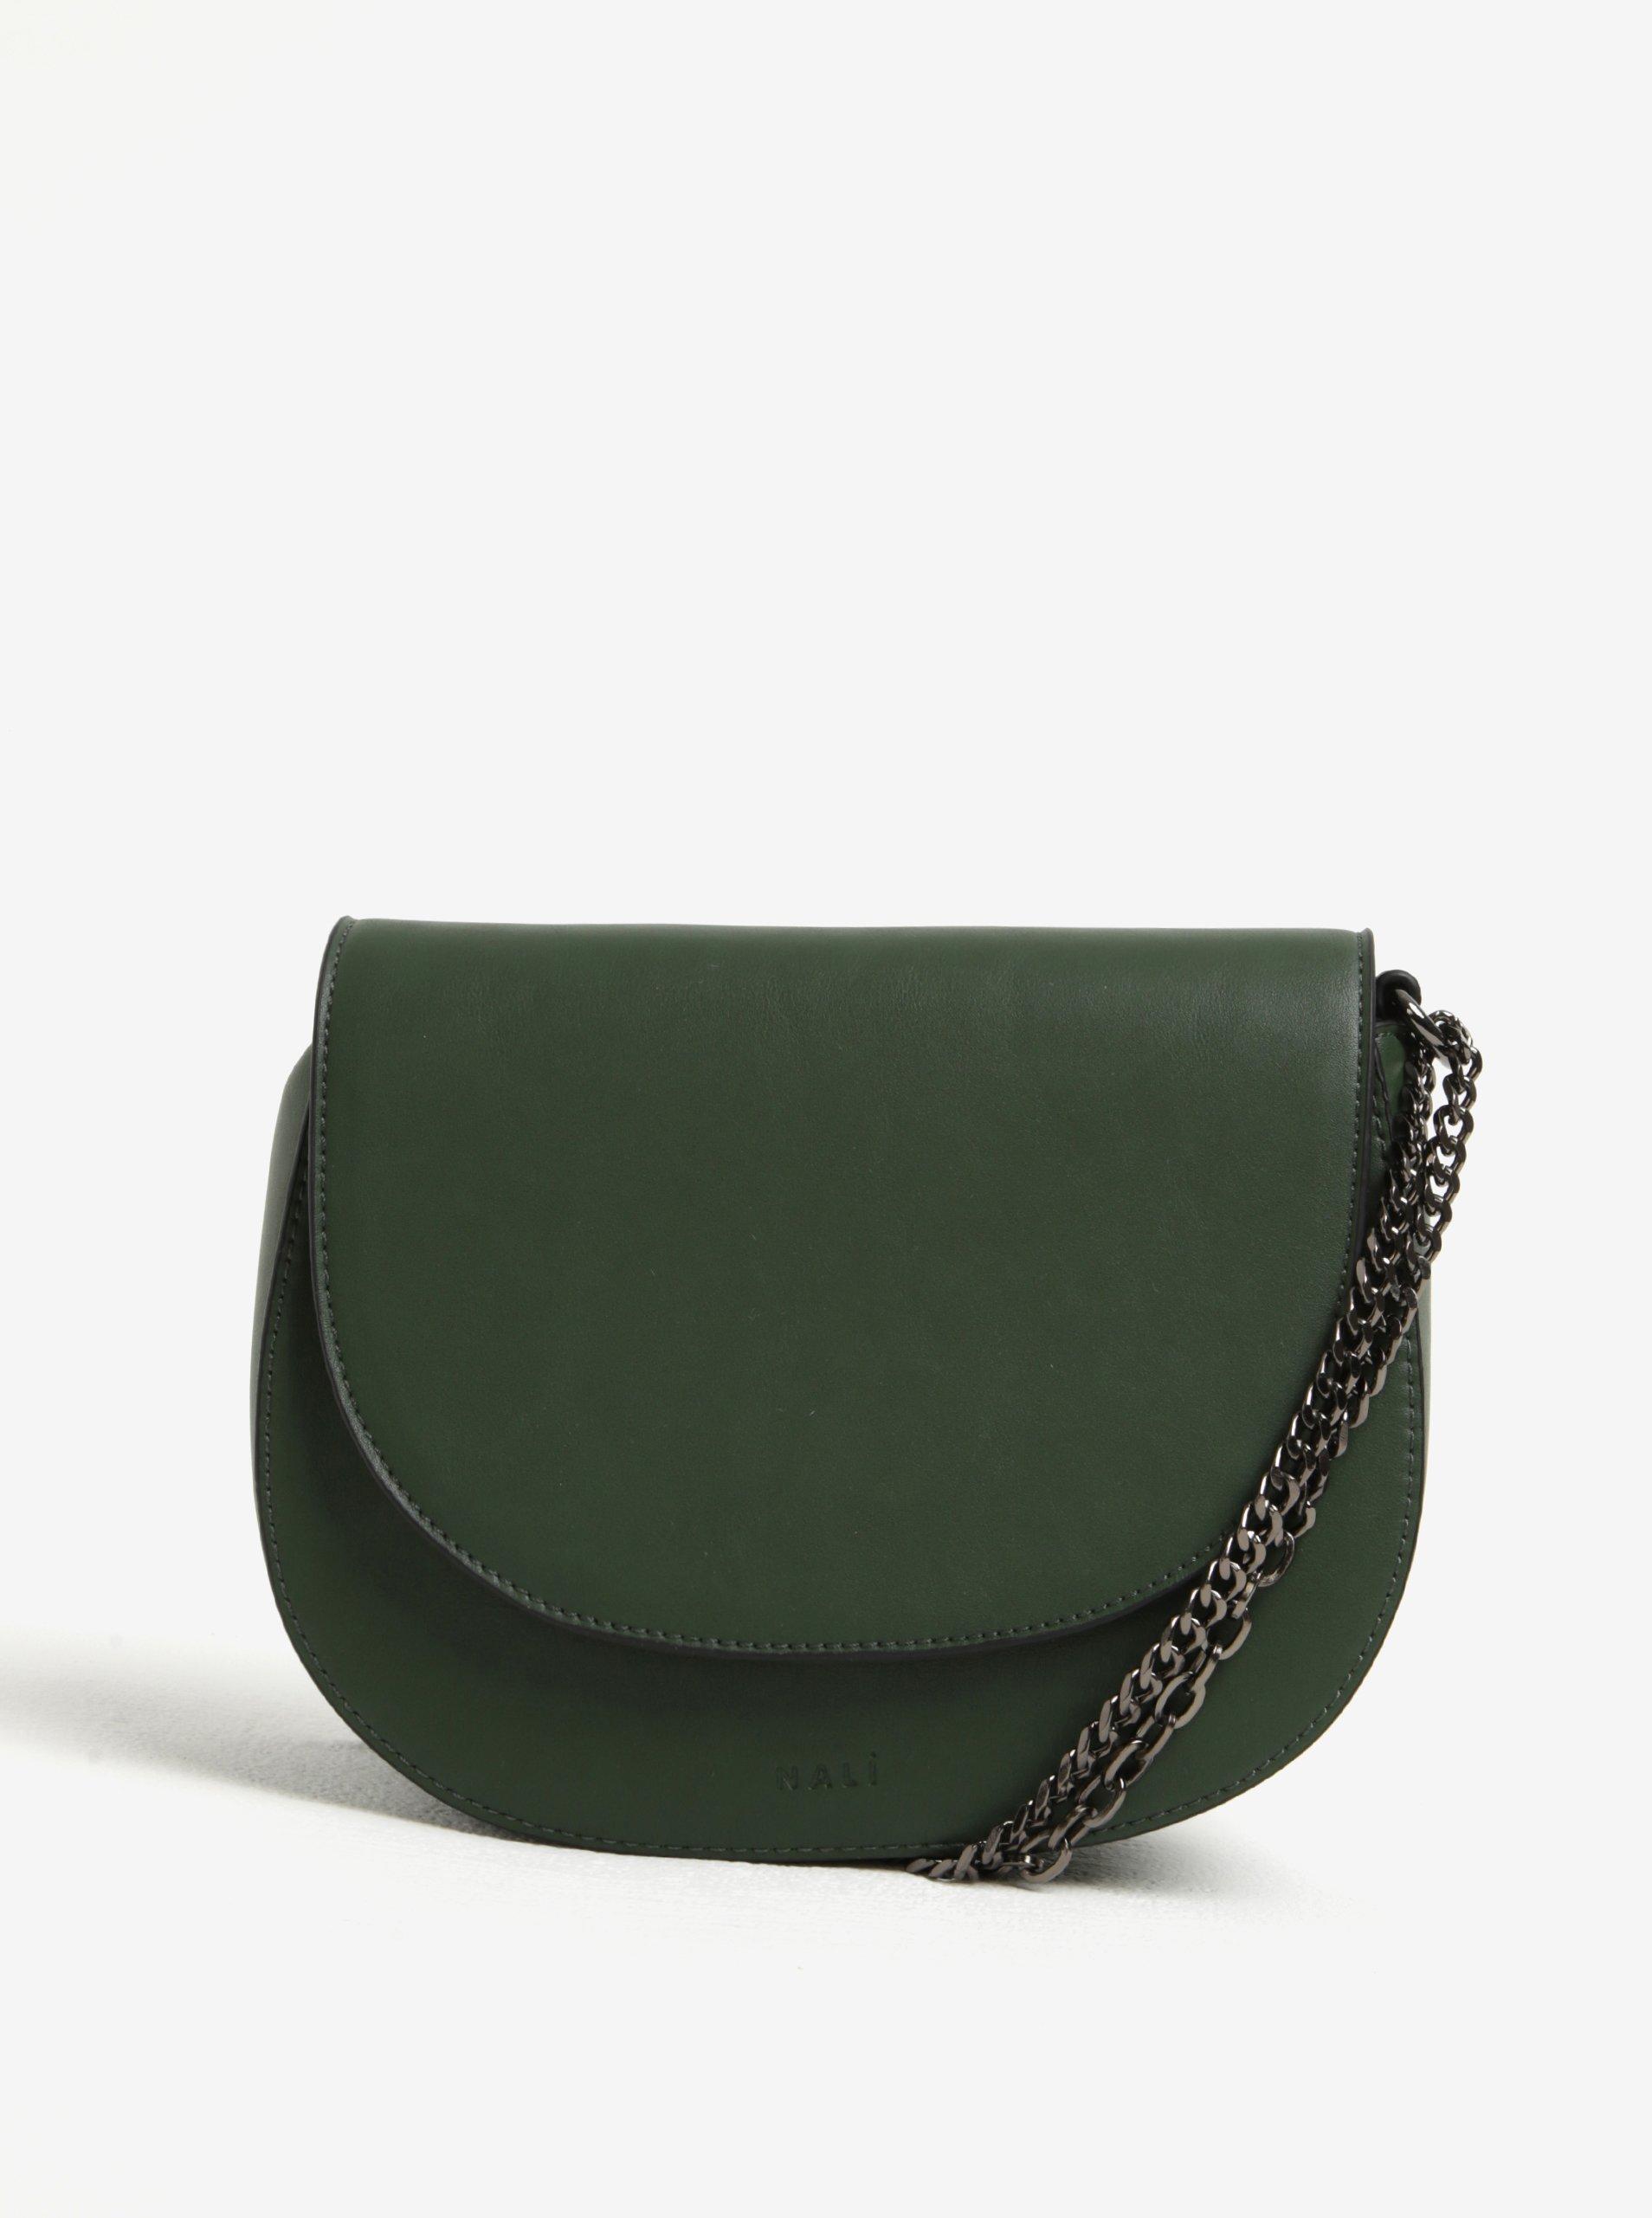 Tmavě zelená koženková crossbody kabelka s řetízkem Nalí